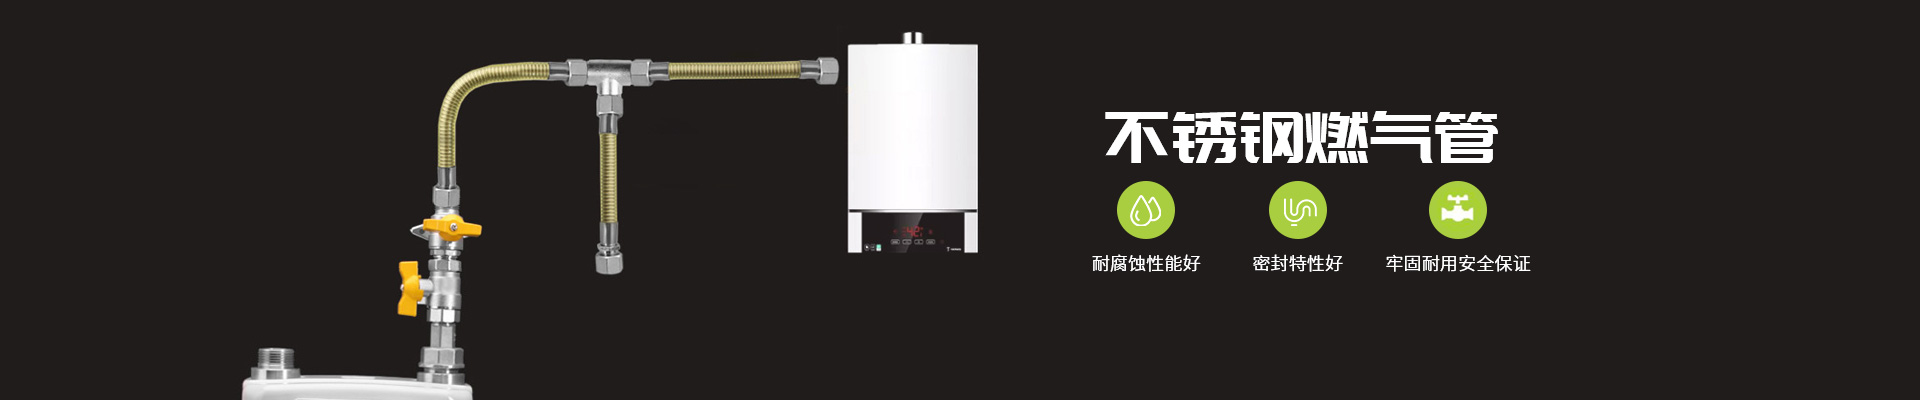 双兴-不锈钢燃气管